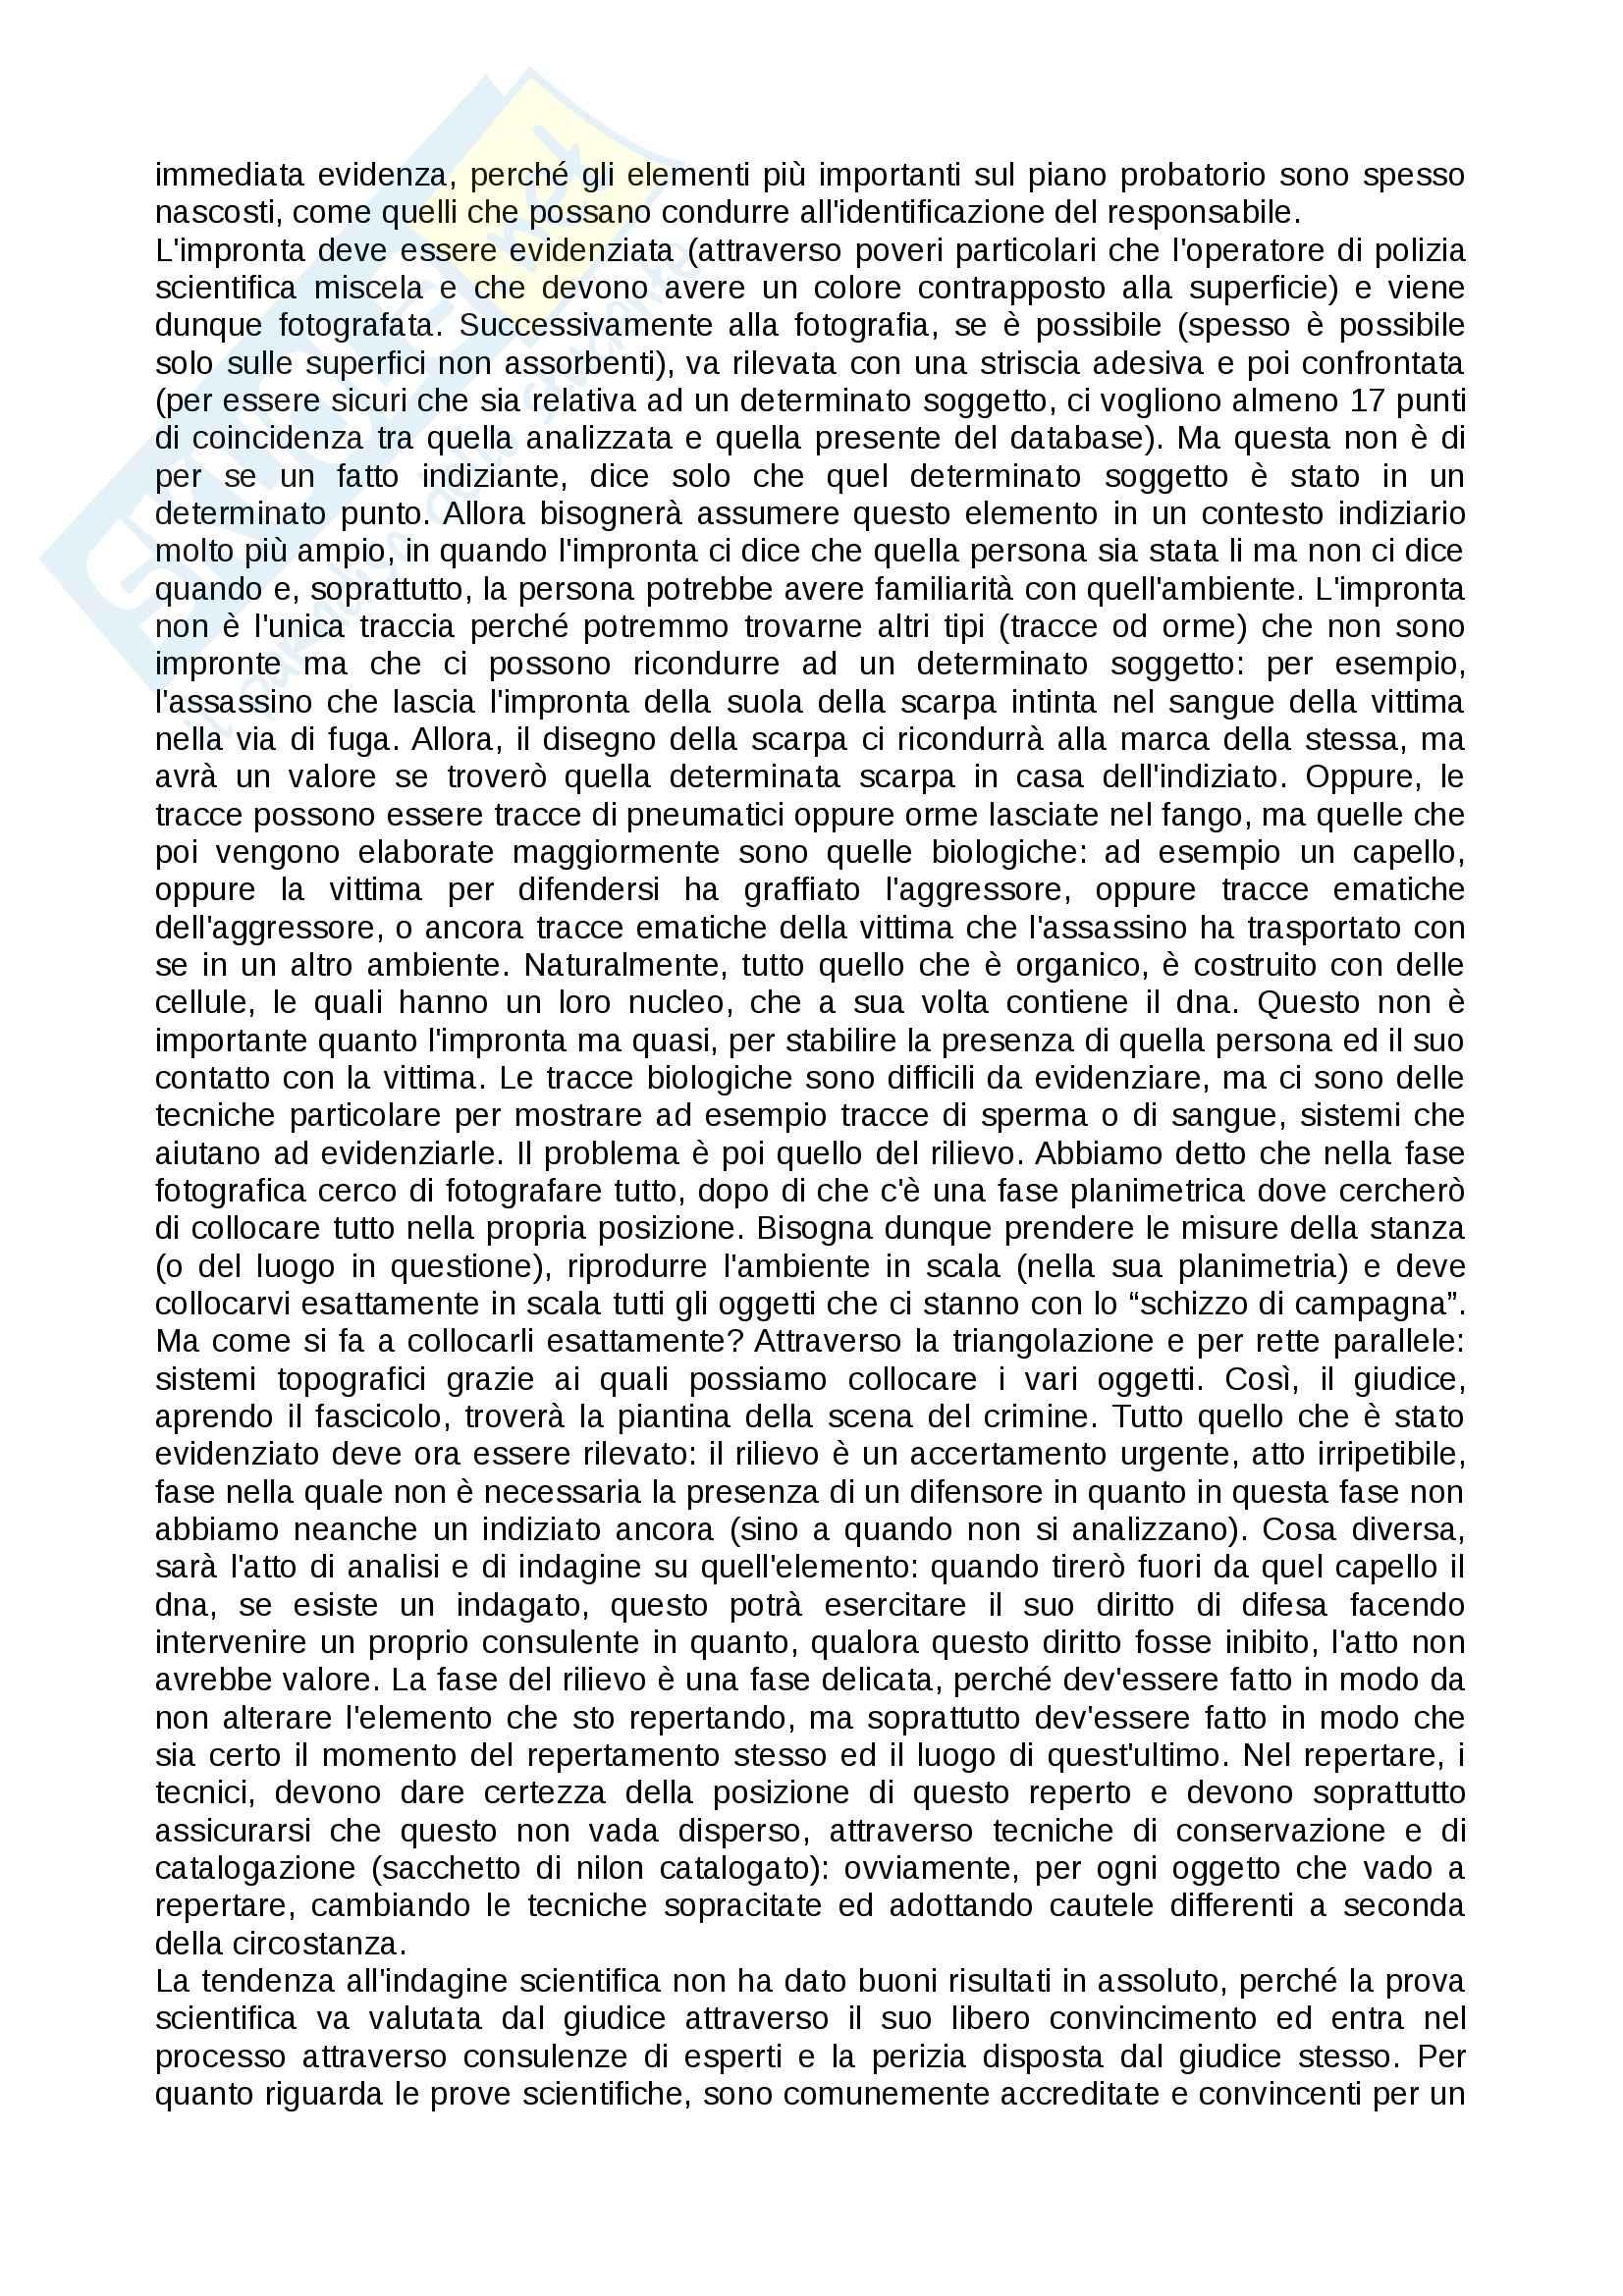 Tecniche investigative applicate - Appunti Pag. 11